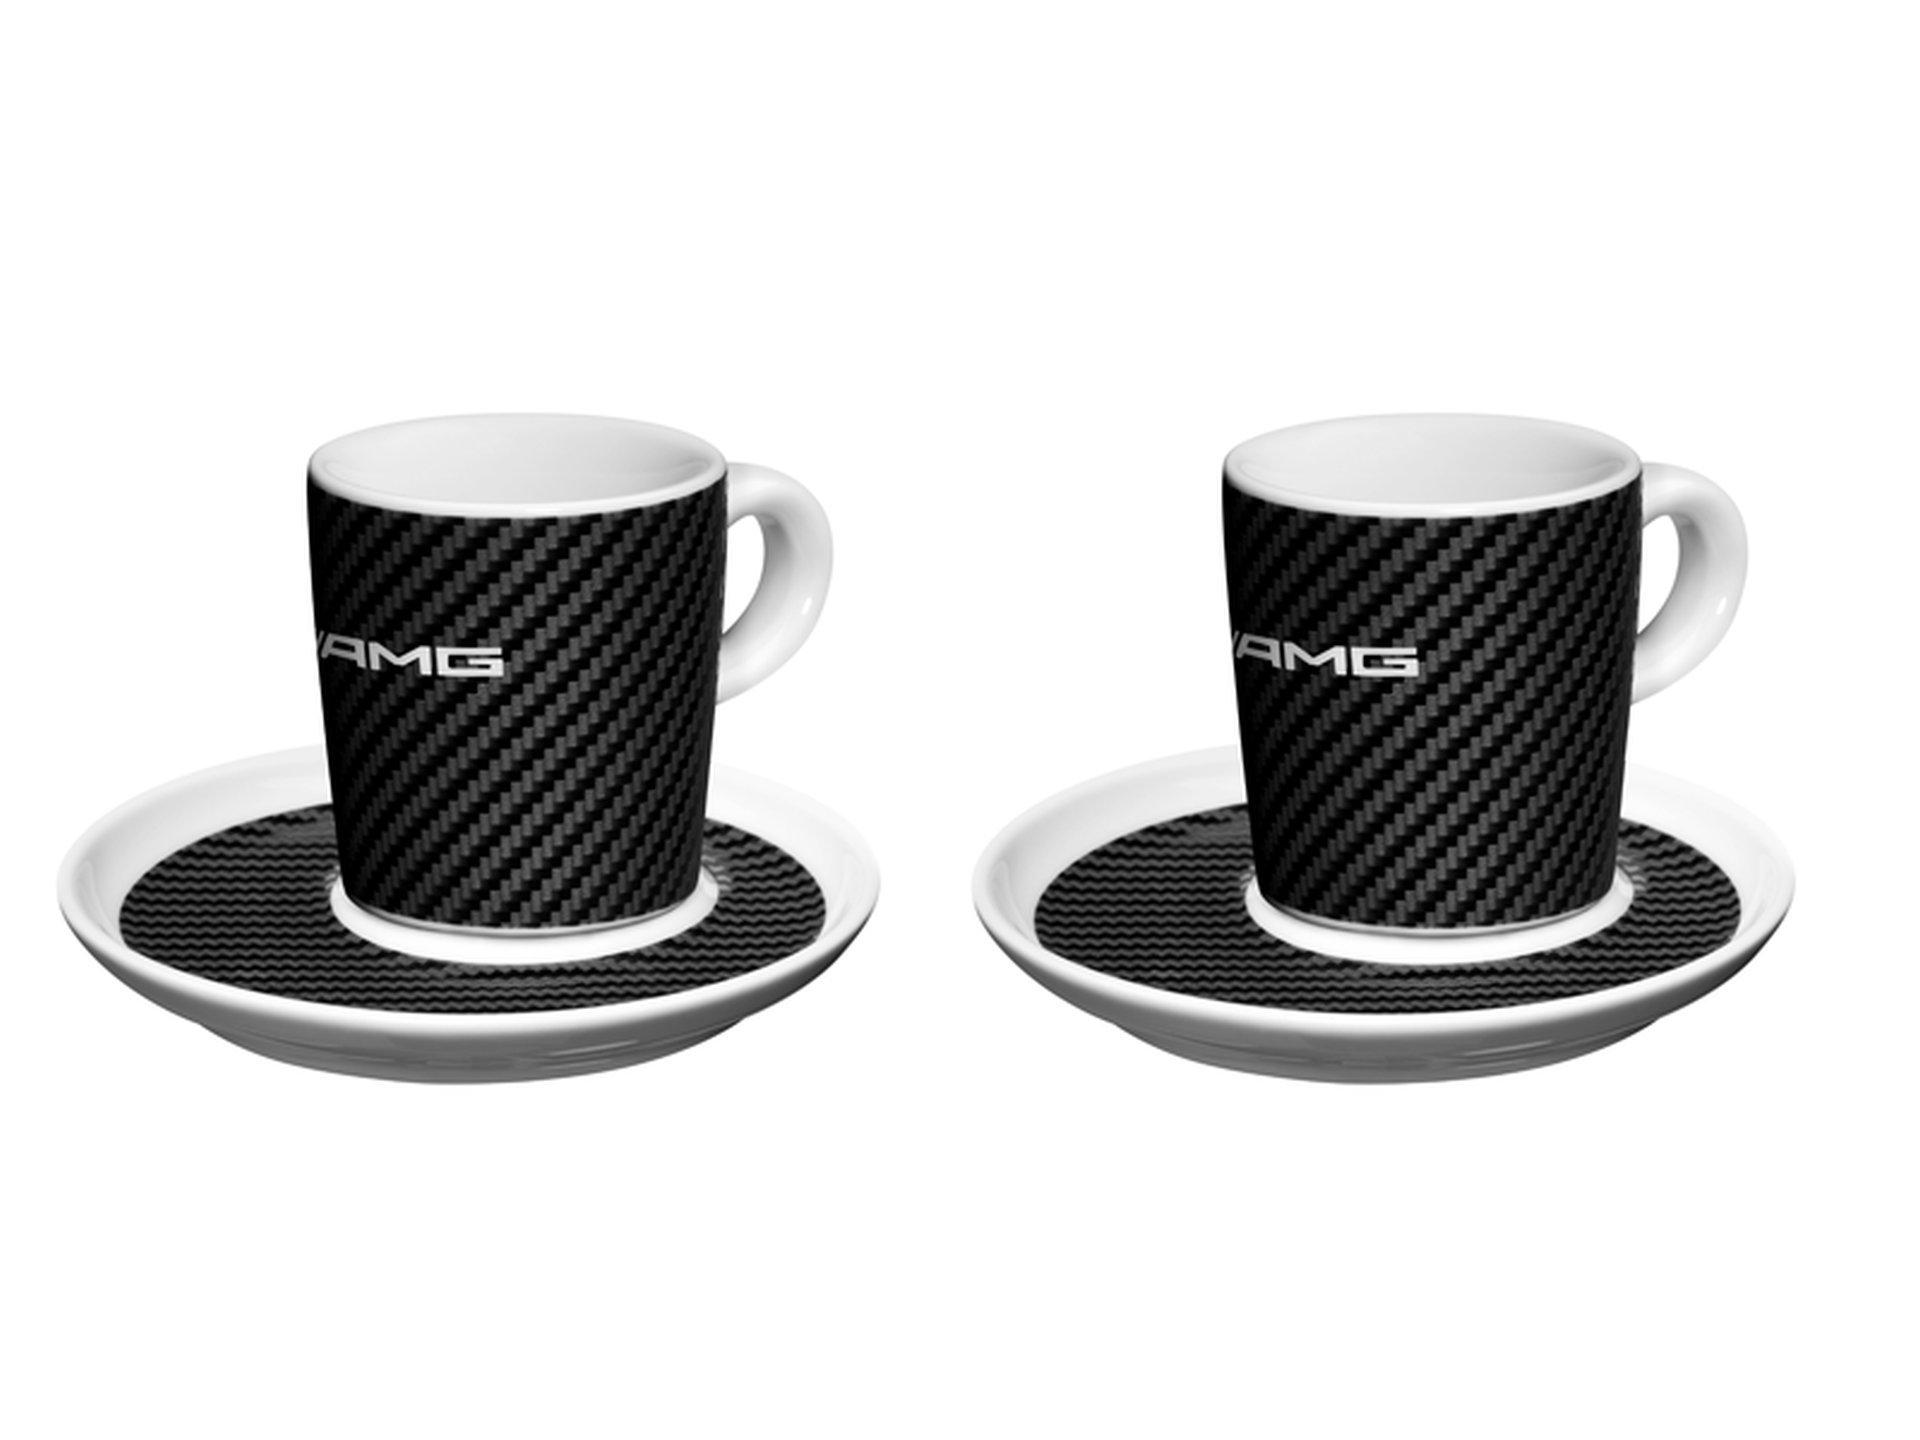 Mercedes-Benz, AMG, Espresso cups, Set of 2